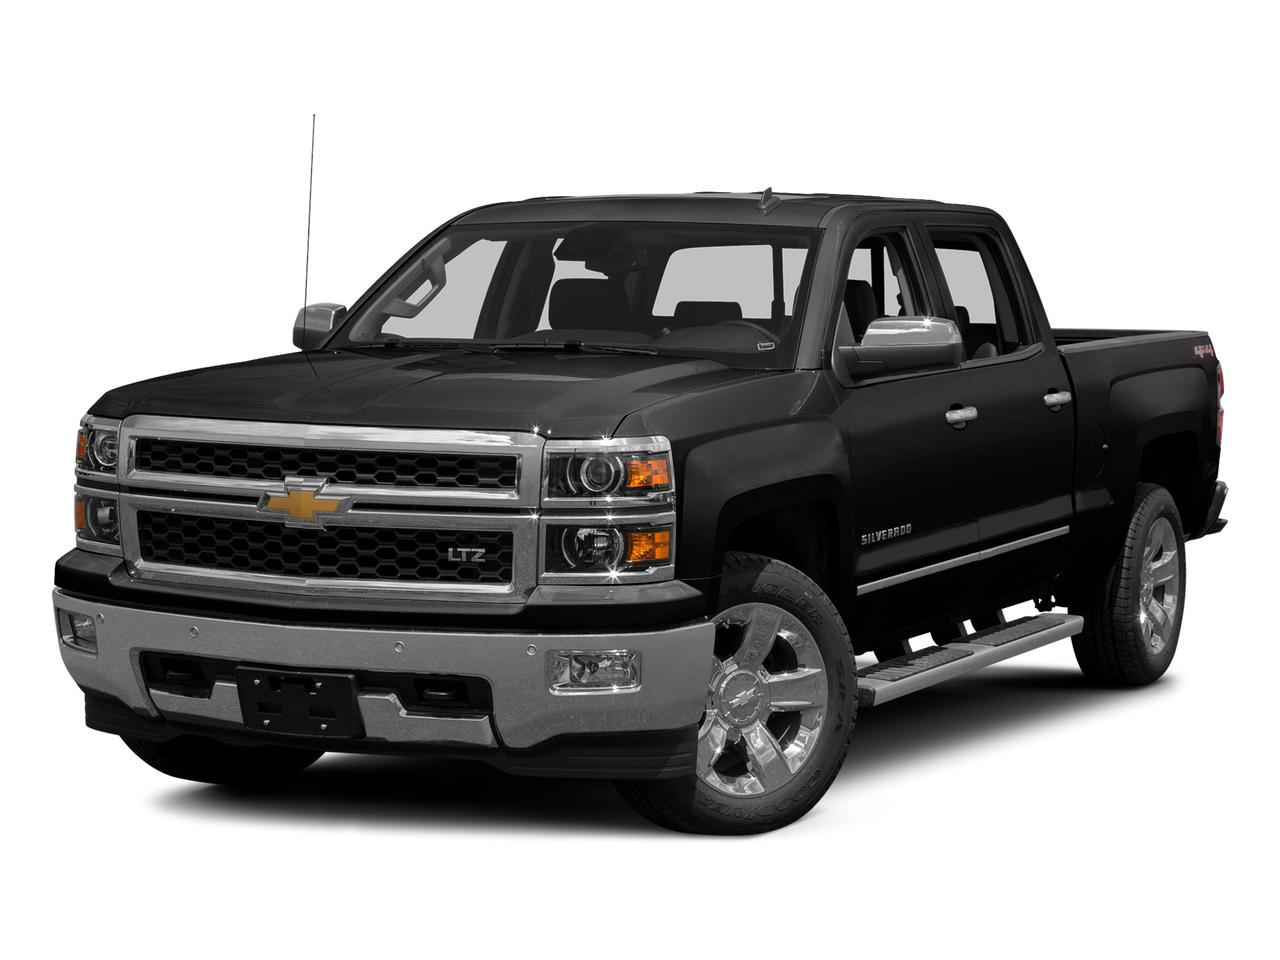 2015 Chevrolet Silverado 1500 Vehicle Photo in GAINESVILLE, TX 76240-2013